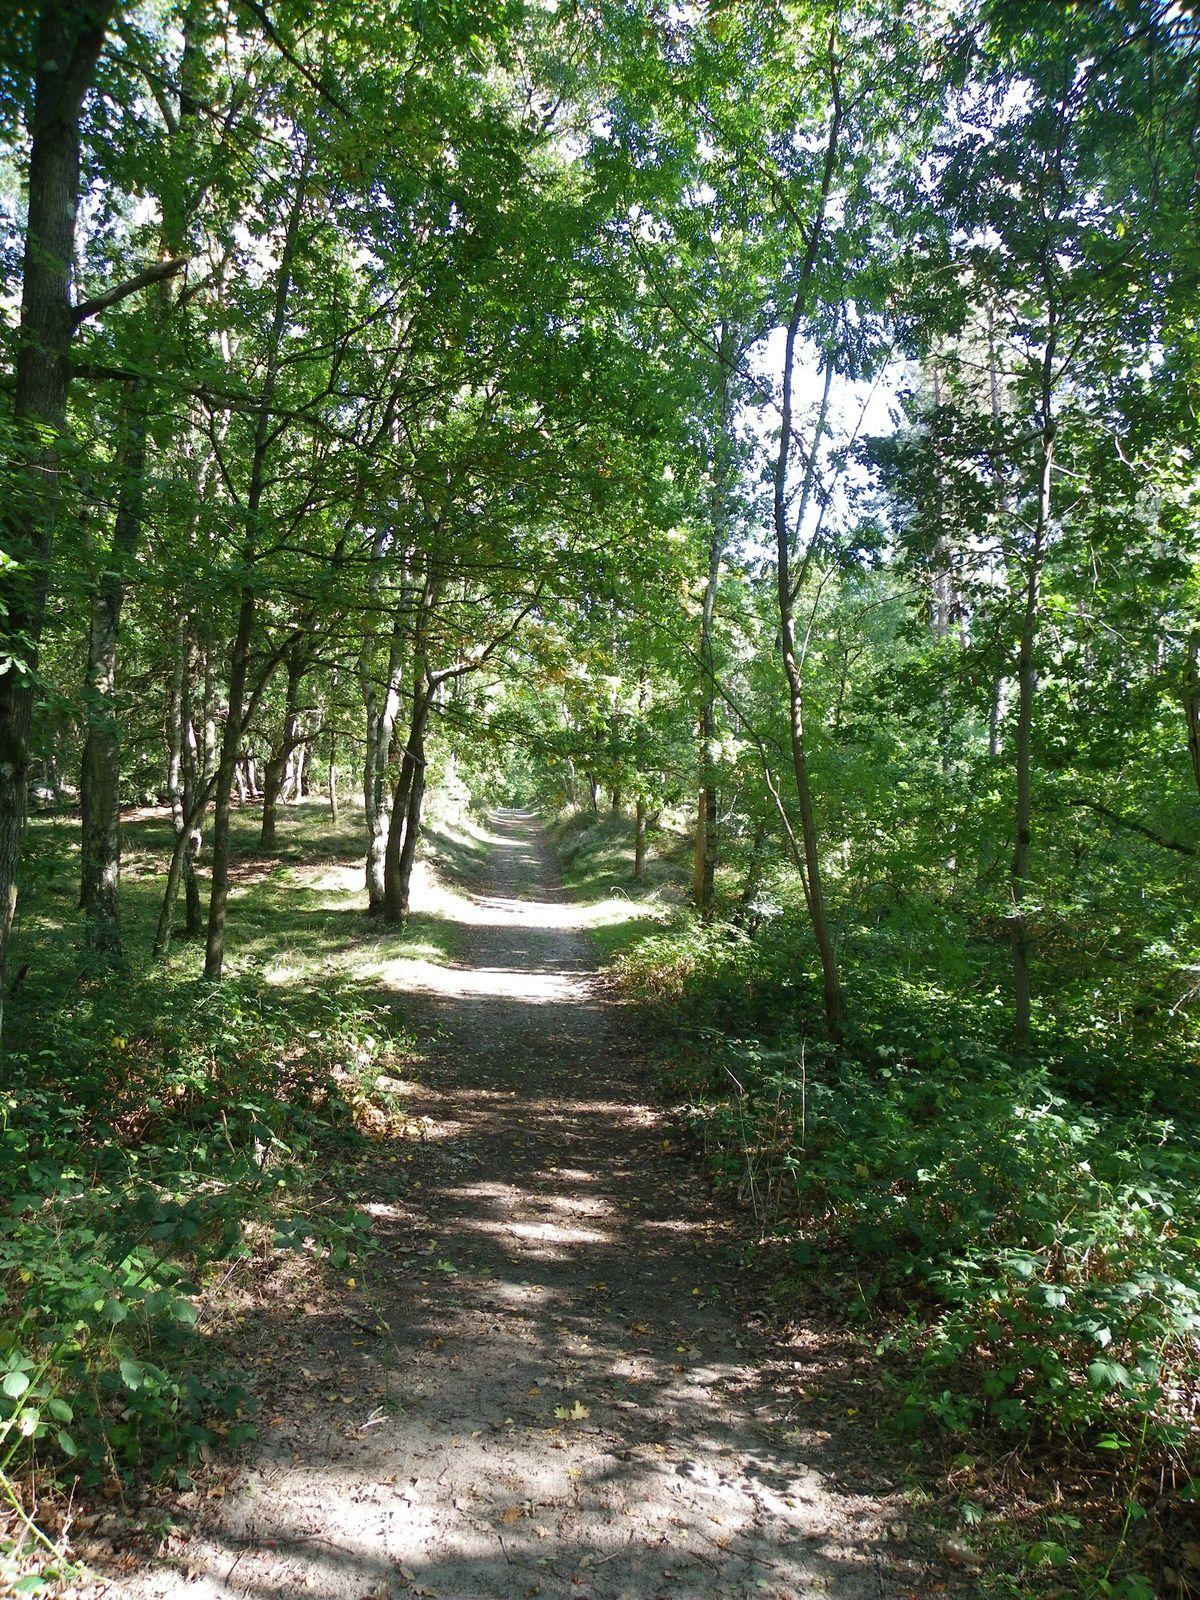 Ce chemin forestier disparaîtrait au profit d'une autoroute pour poids lourds avec la révision du PLU